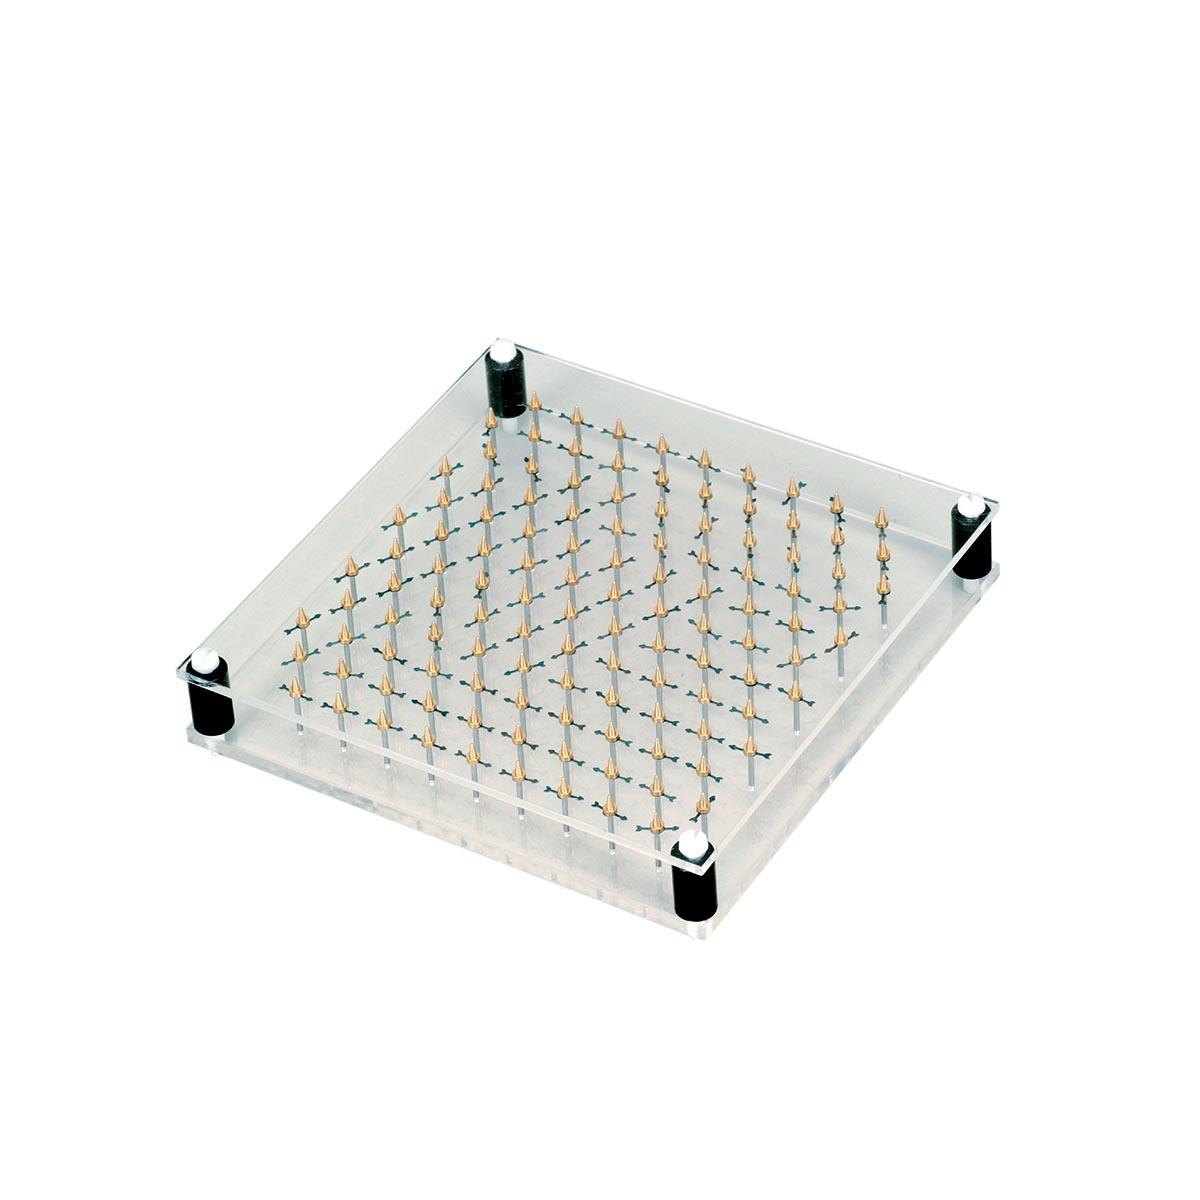 modelo magn tico sextavado 1002975 u15350 campo magn tico 3b scientific. Black Bedroom Furniture Sets. Home Design Ideas